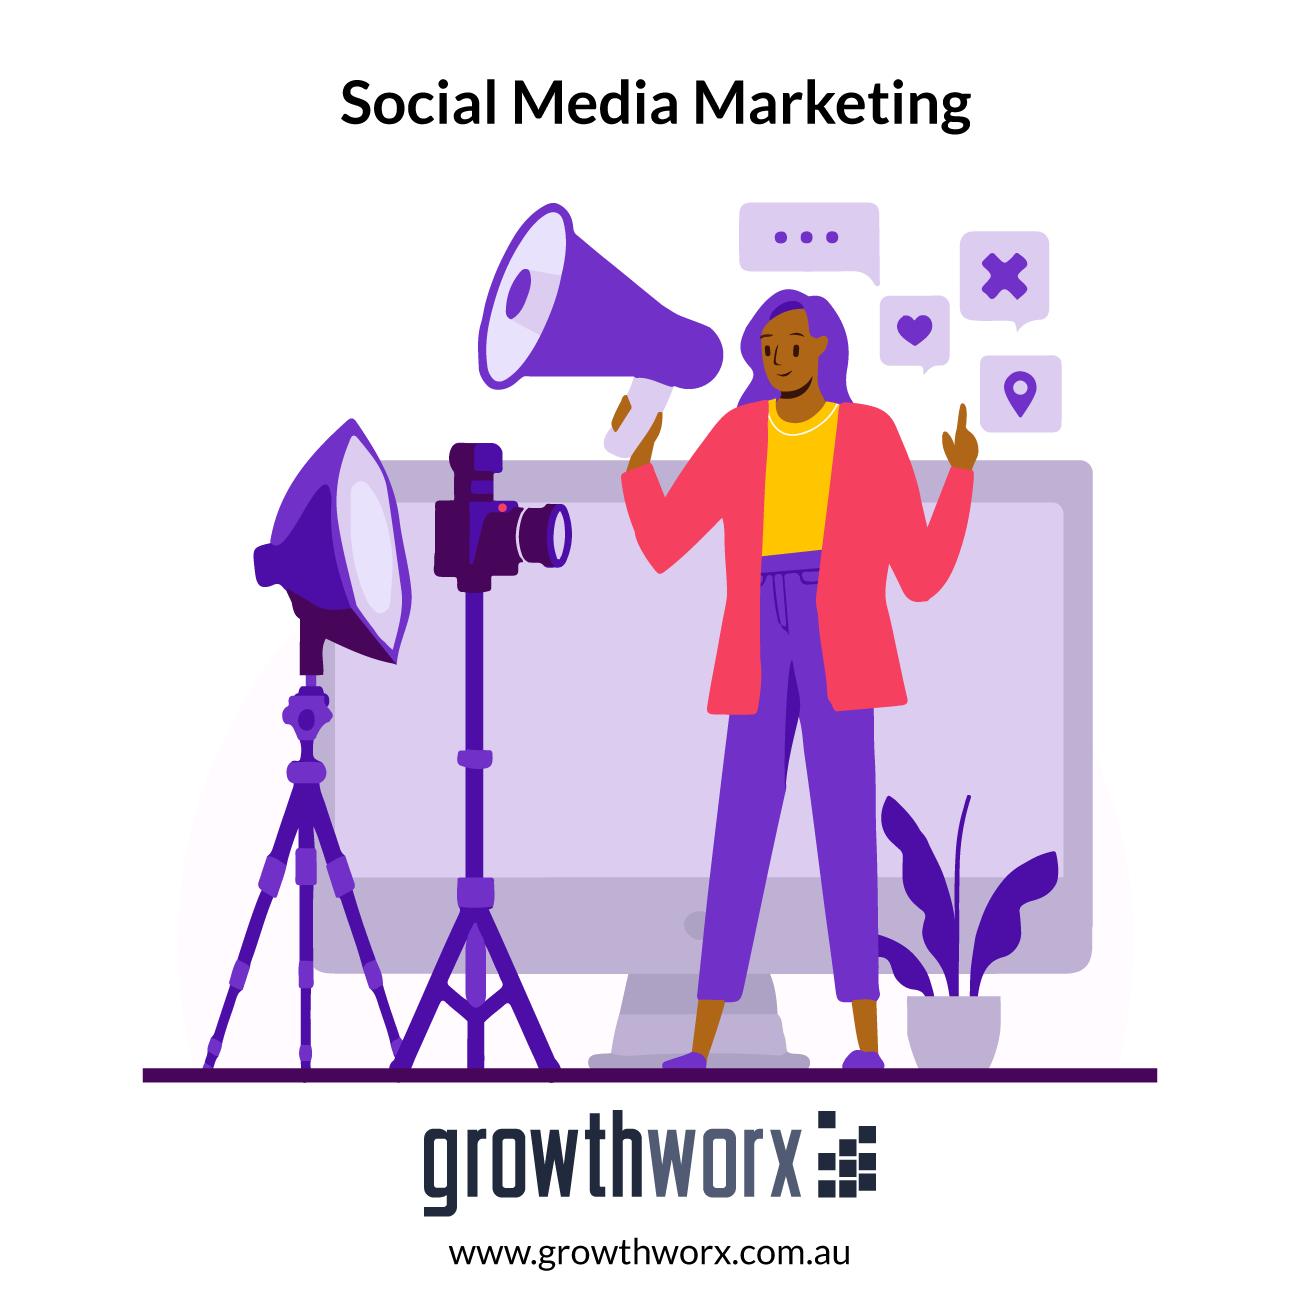 I will create a social media marketing strategy 1